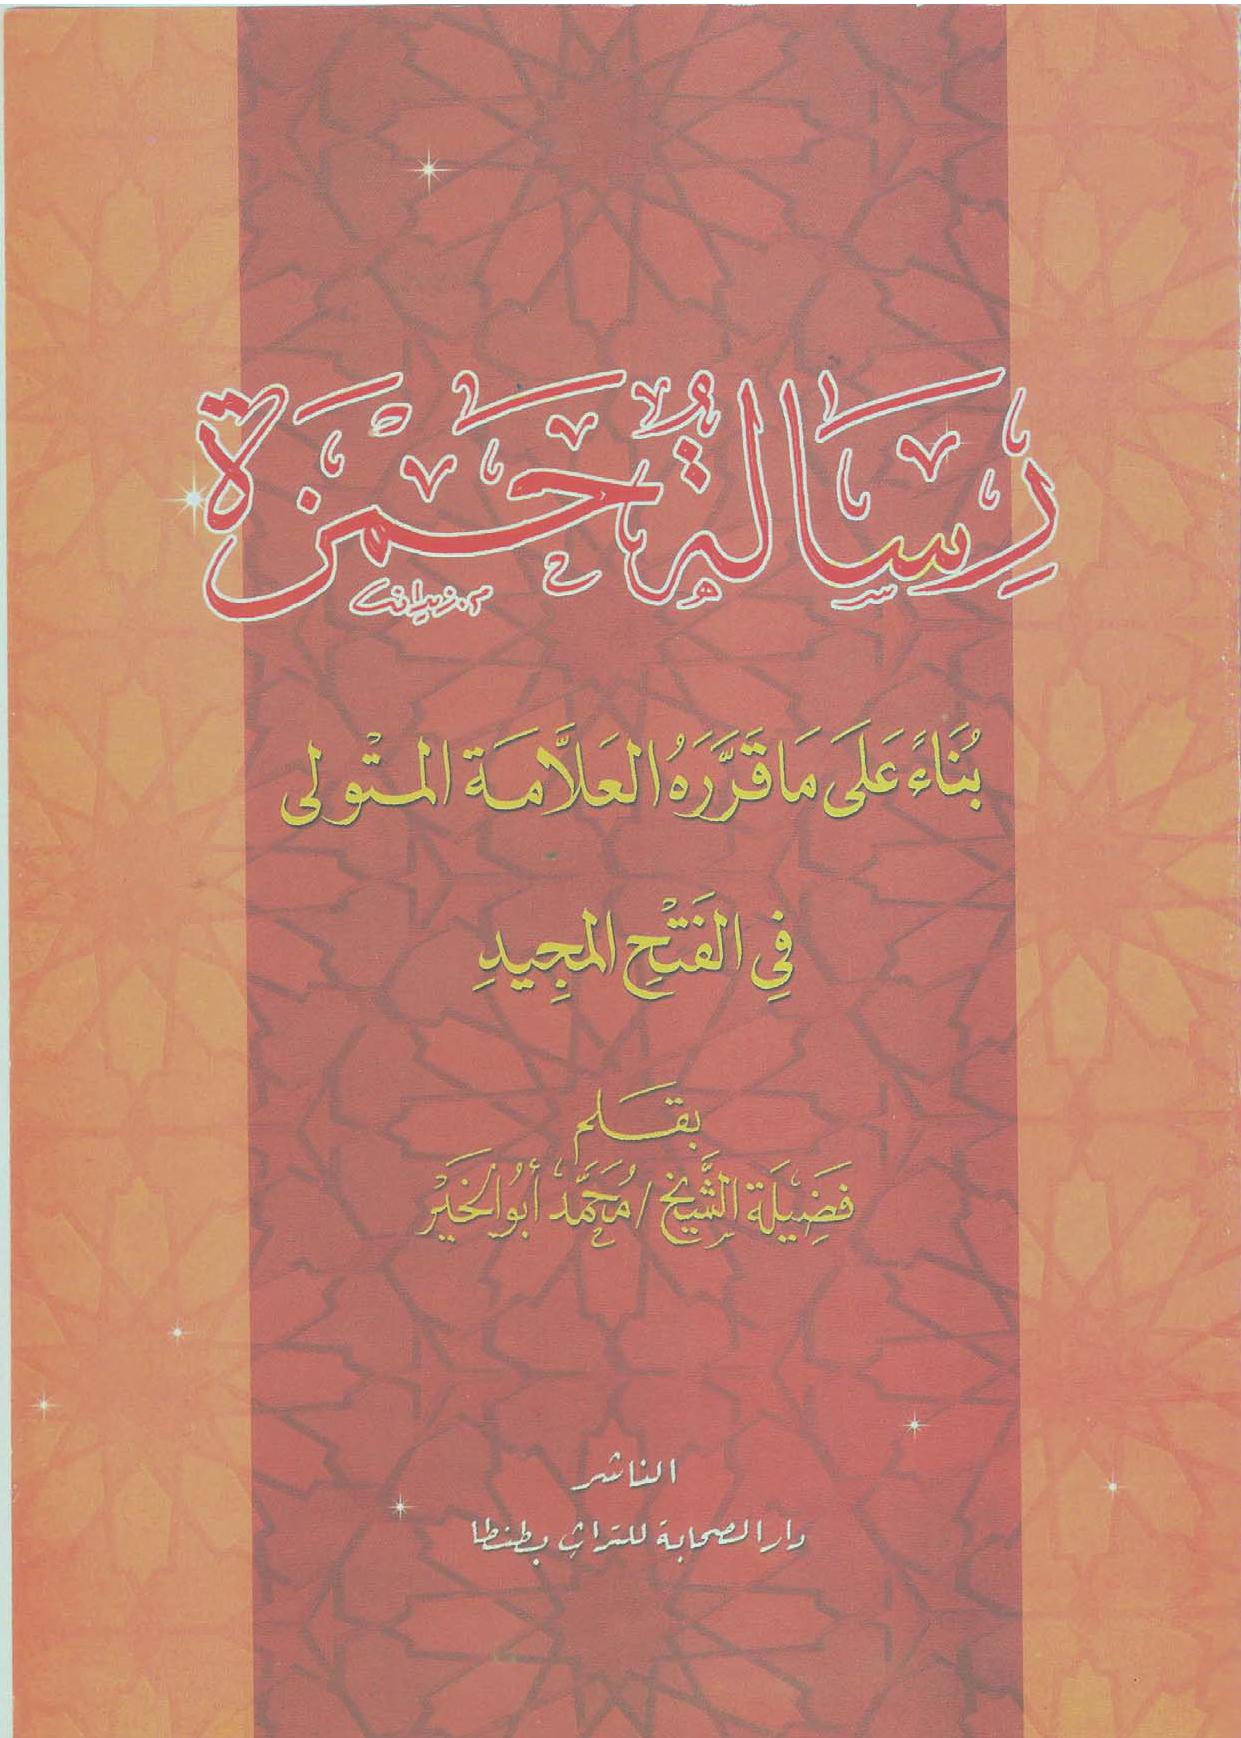 رسالة حمزة بناءً على ما قرره العلامة المتولي في «الفتح المجيد» - محمد أبو الخير مصطفى